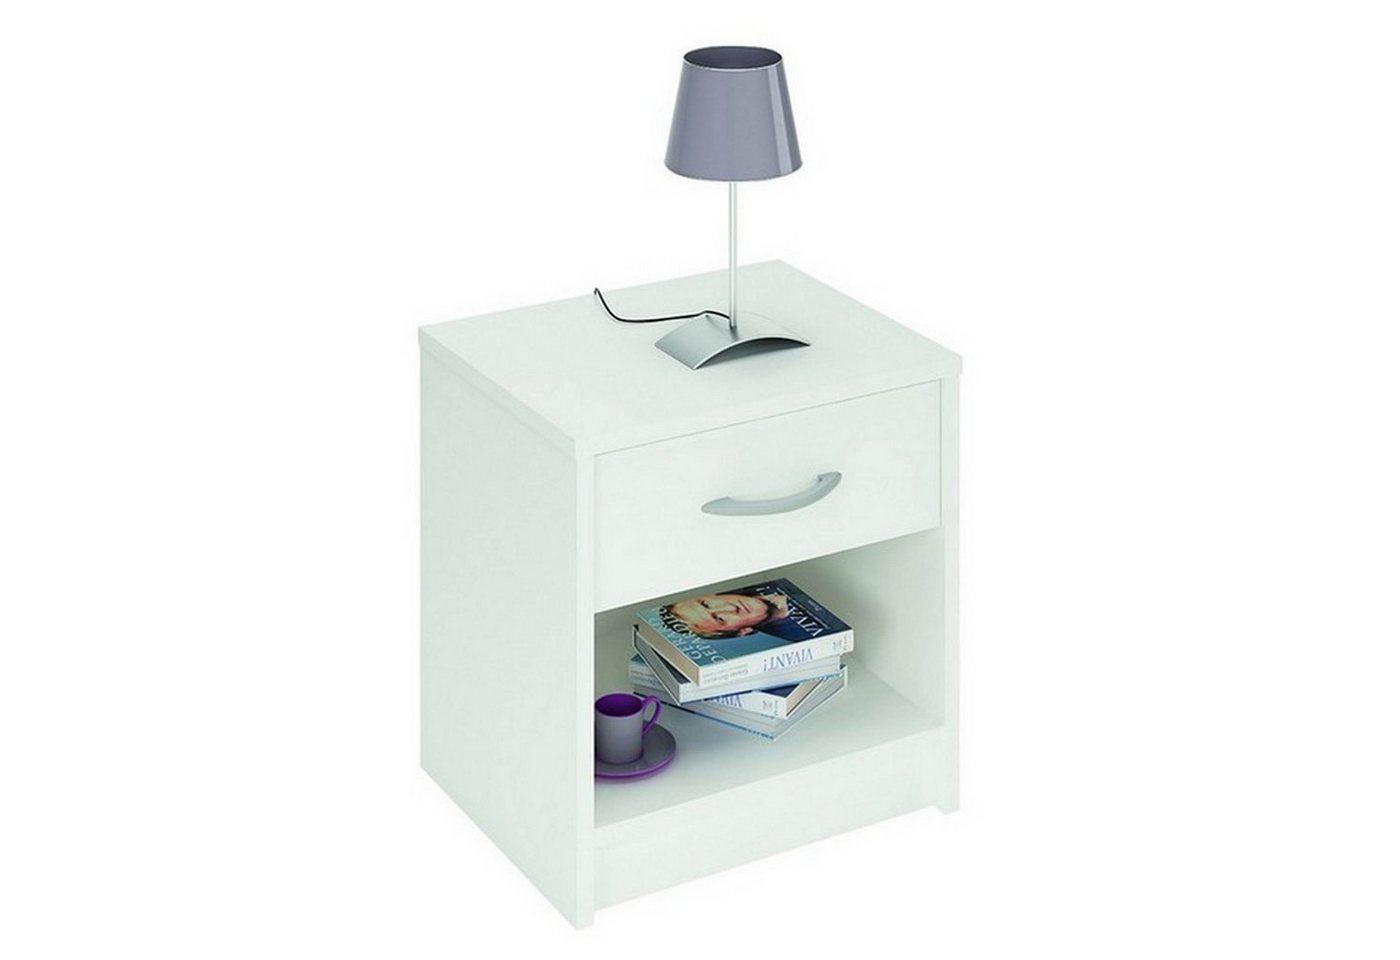 HTI-Living Nachttisch »Iris« | Schlafzimmer > Nachttische | Weiß | HTI-Living